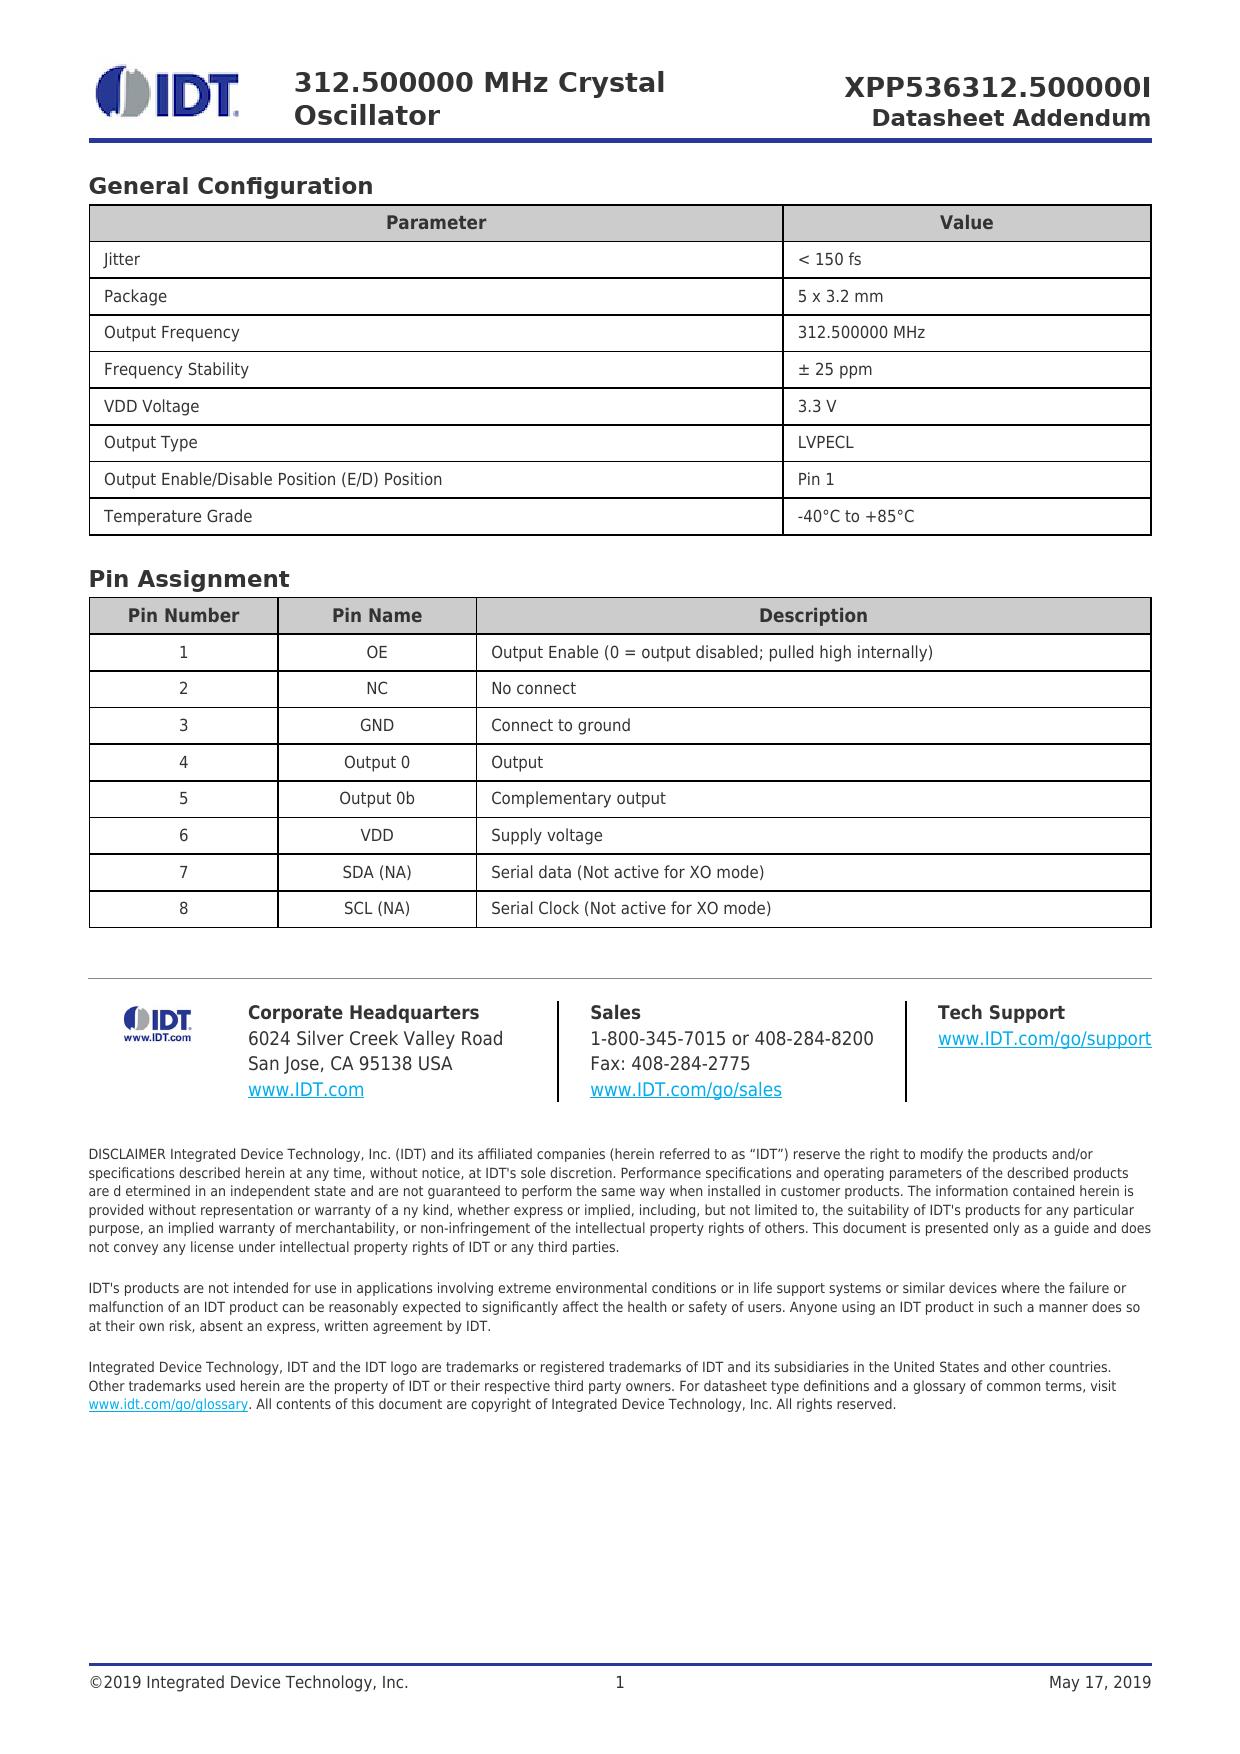 Datasheet Addendum XPP536312.500000I IDT, Revision: 20190520